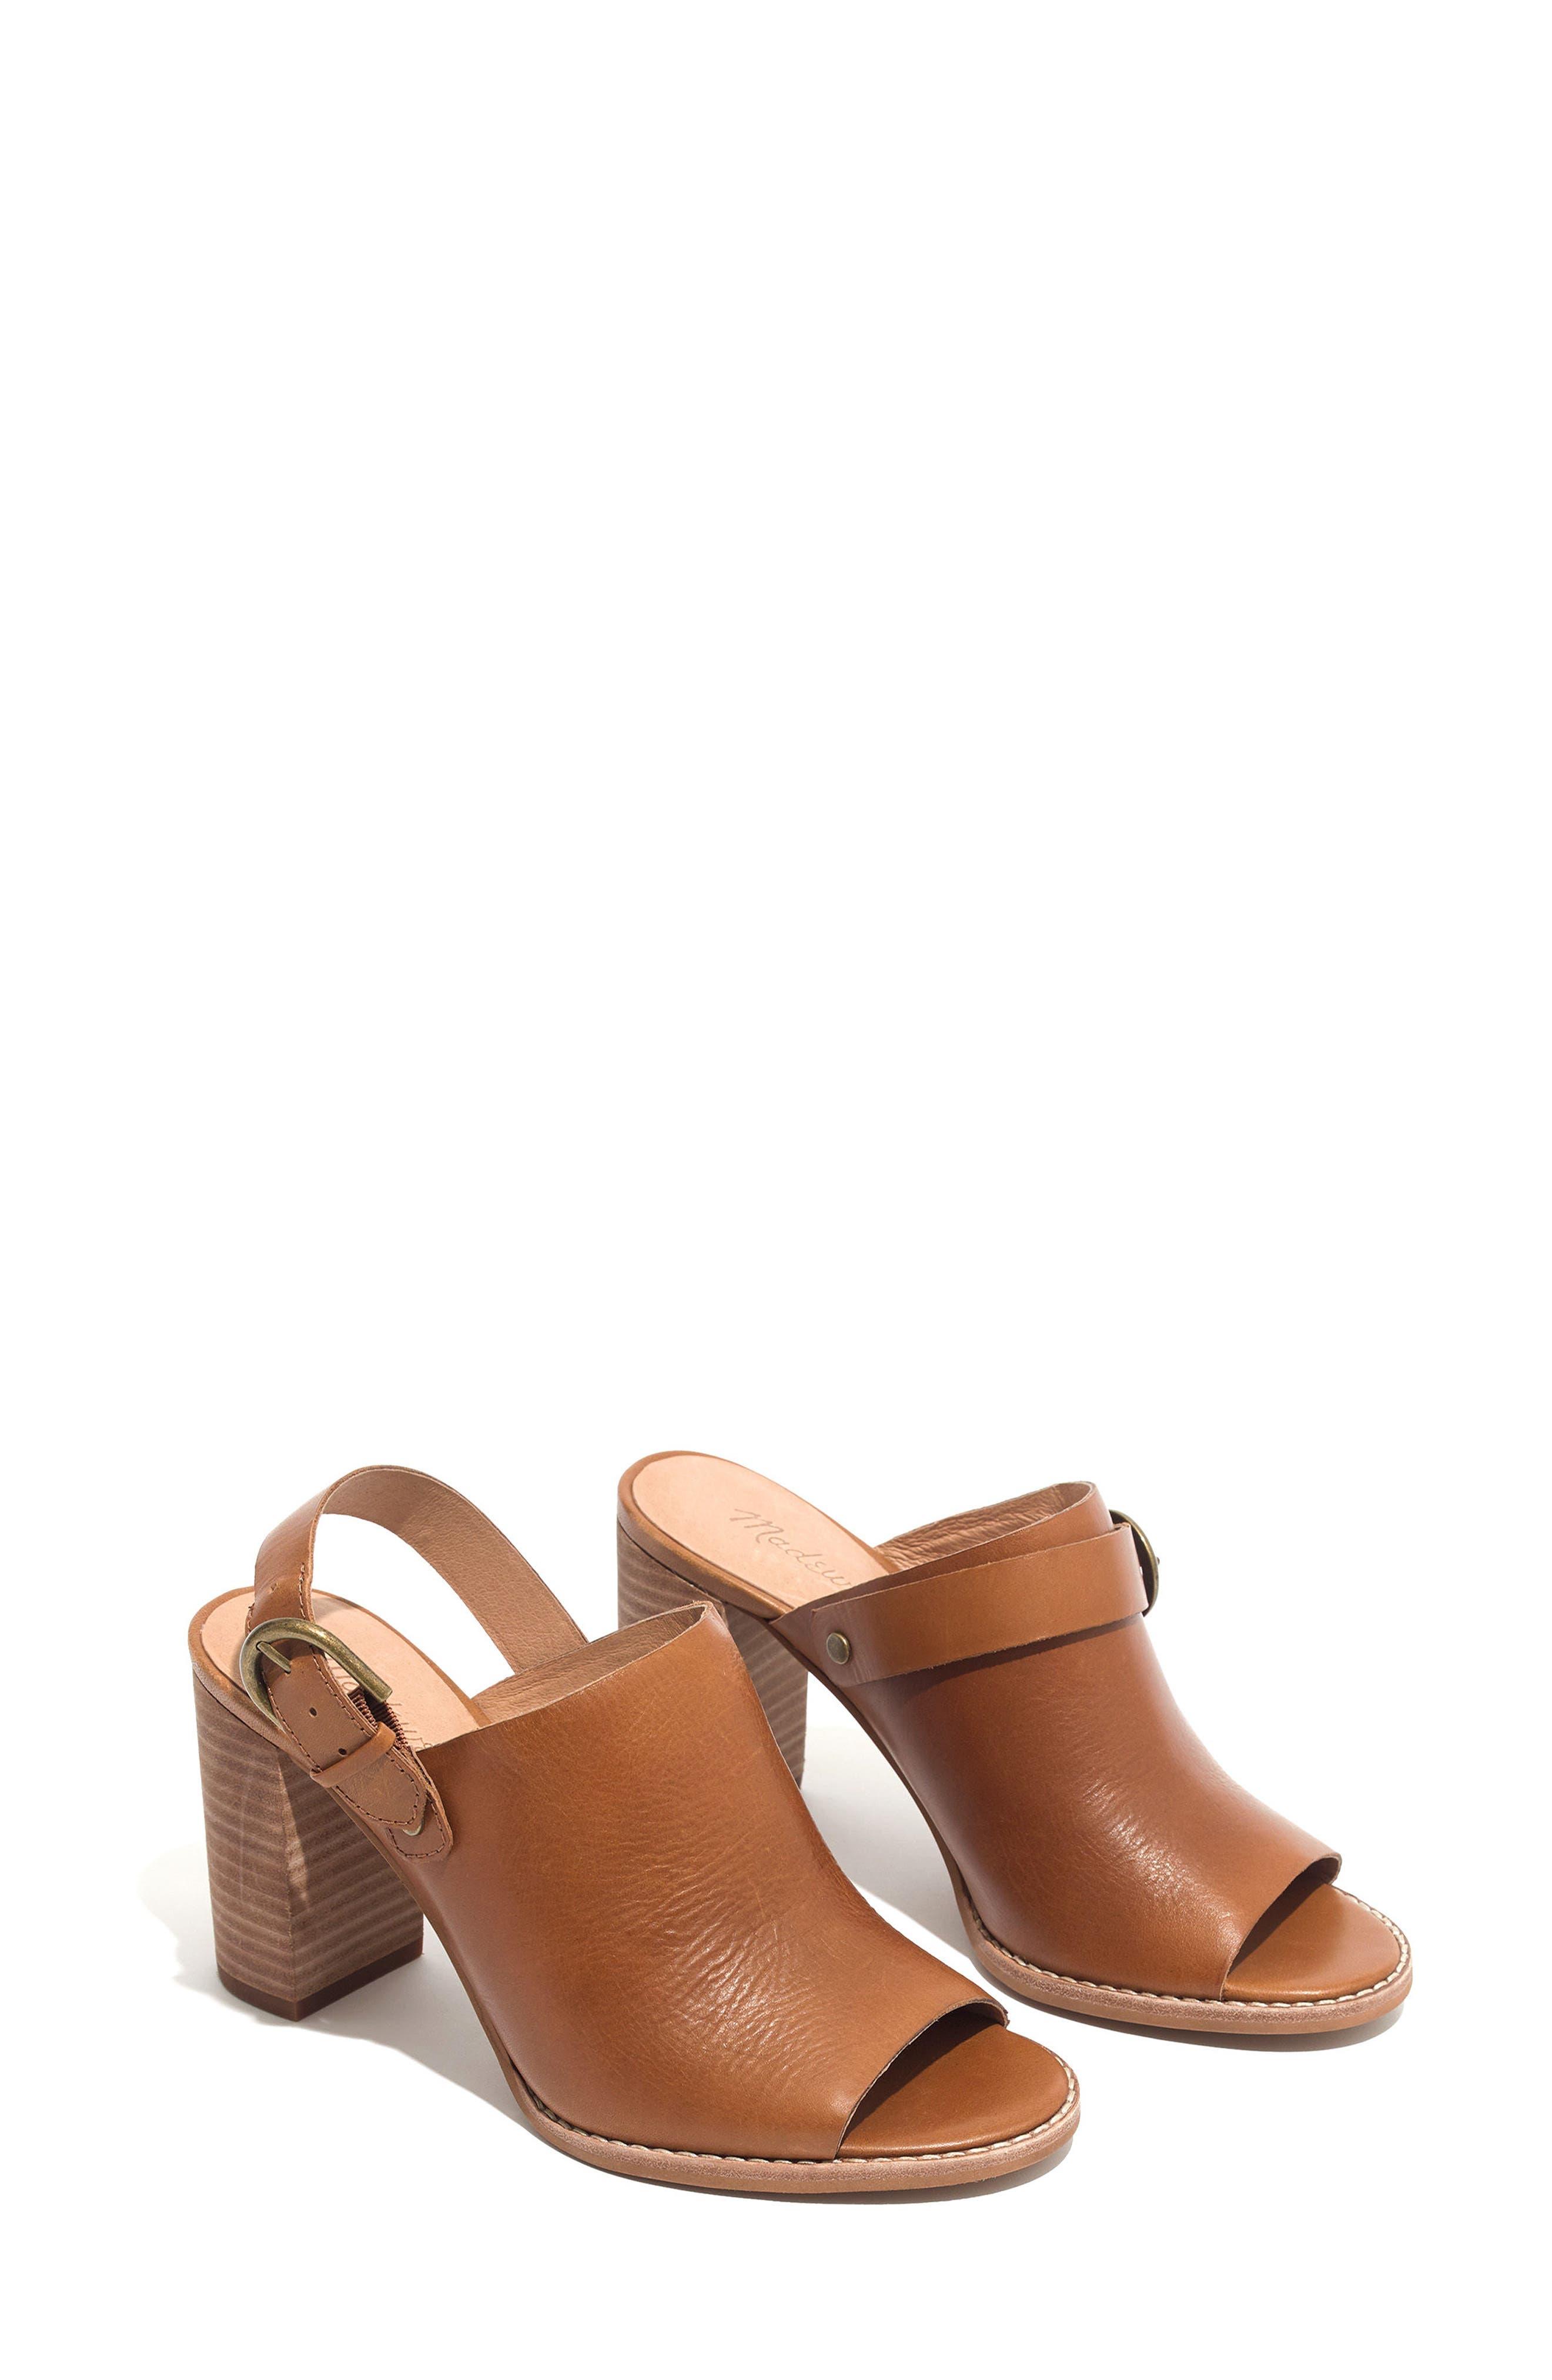 4a34682e6a5 Women s Madewell Heels